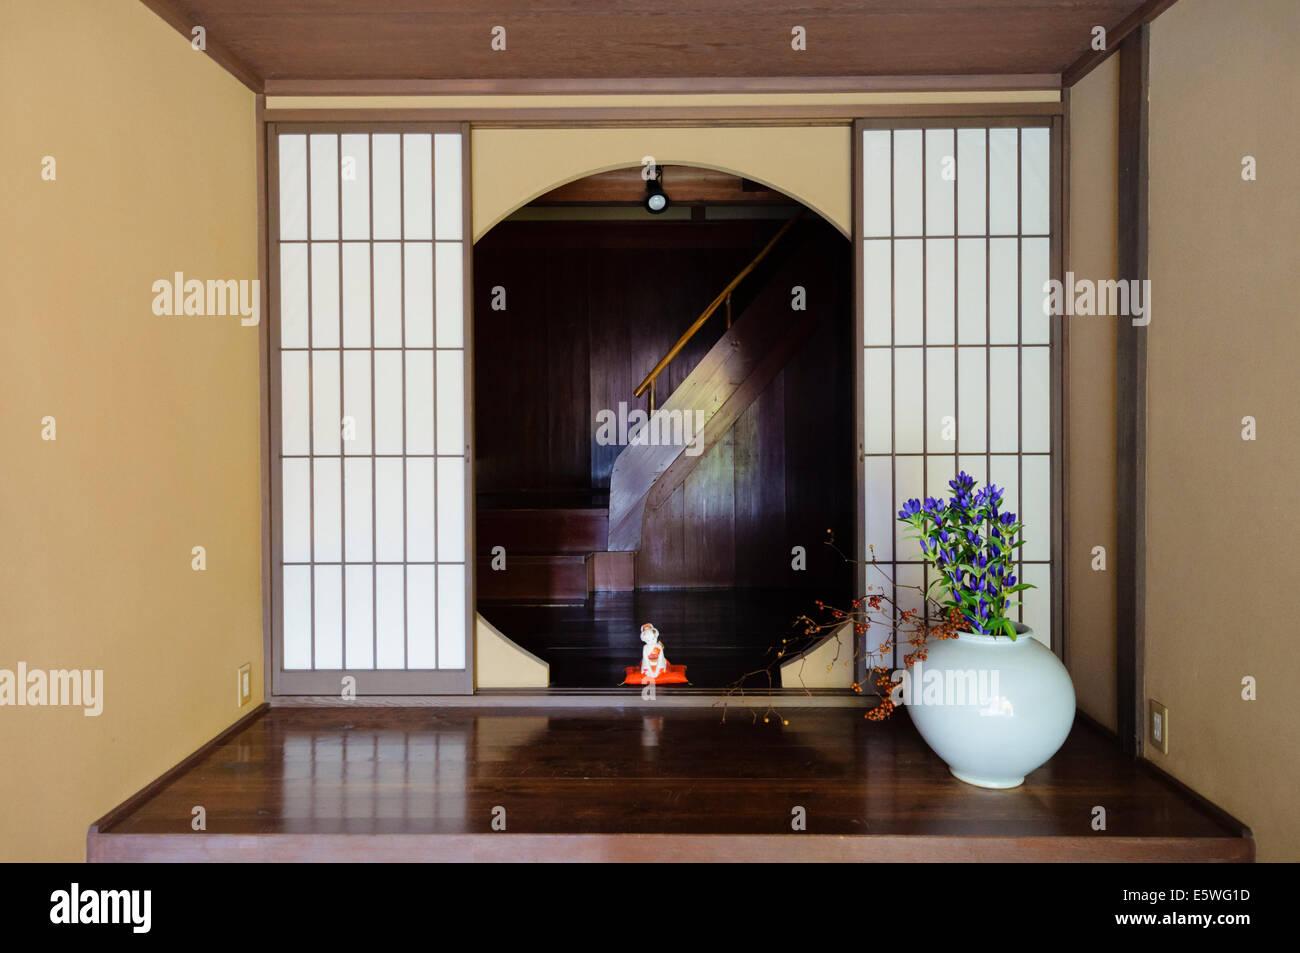 Ingresso di un vecchio giapponese chaya o casa del t for Casa giapponese tradizionale